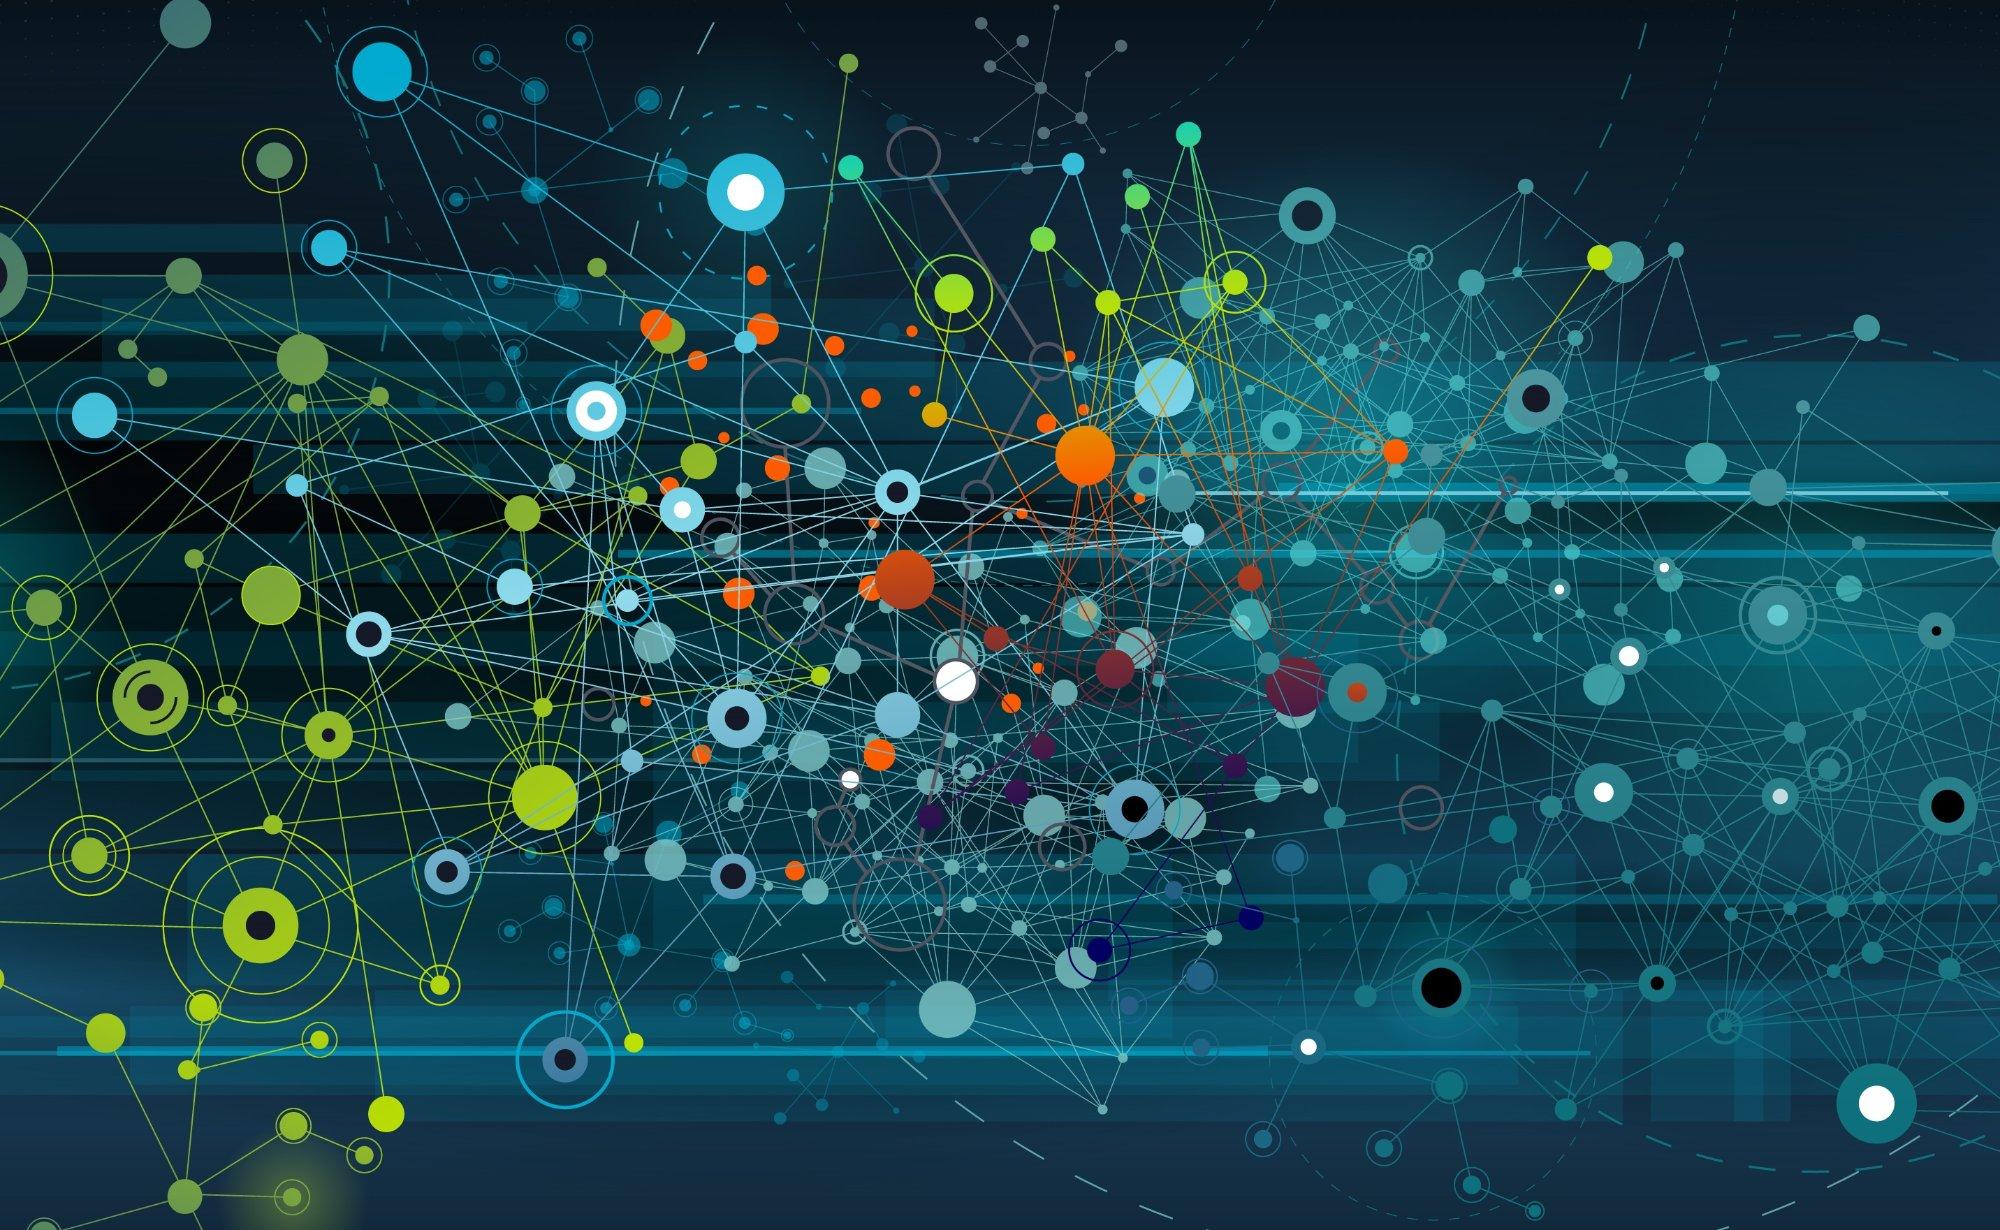 Il comportamento dei sistemi informatici: behaviour analysis, machine learning e caffè